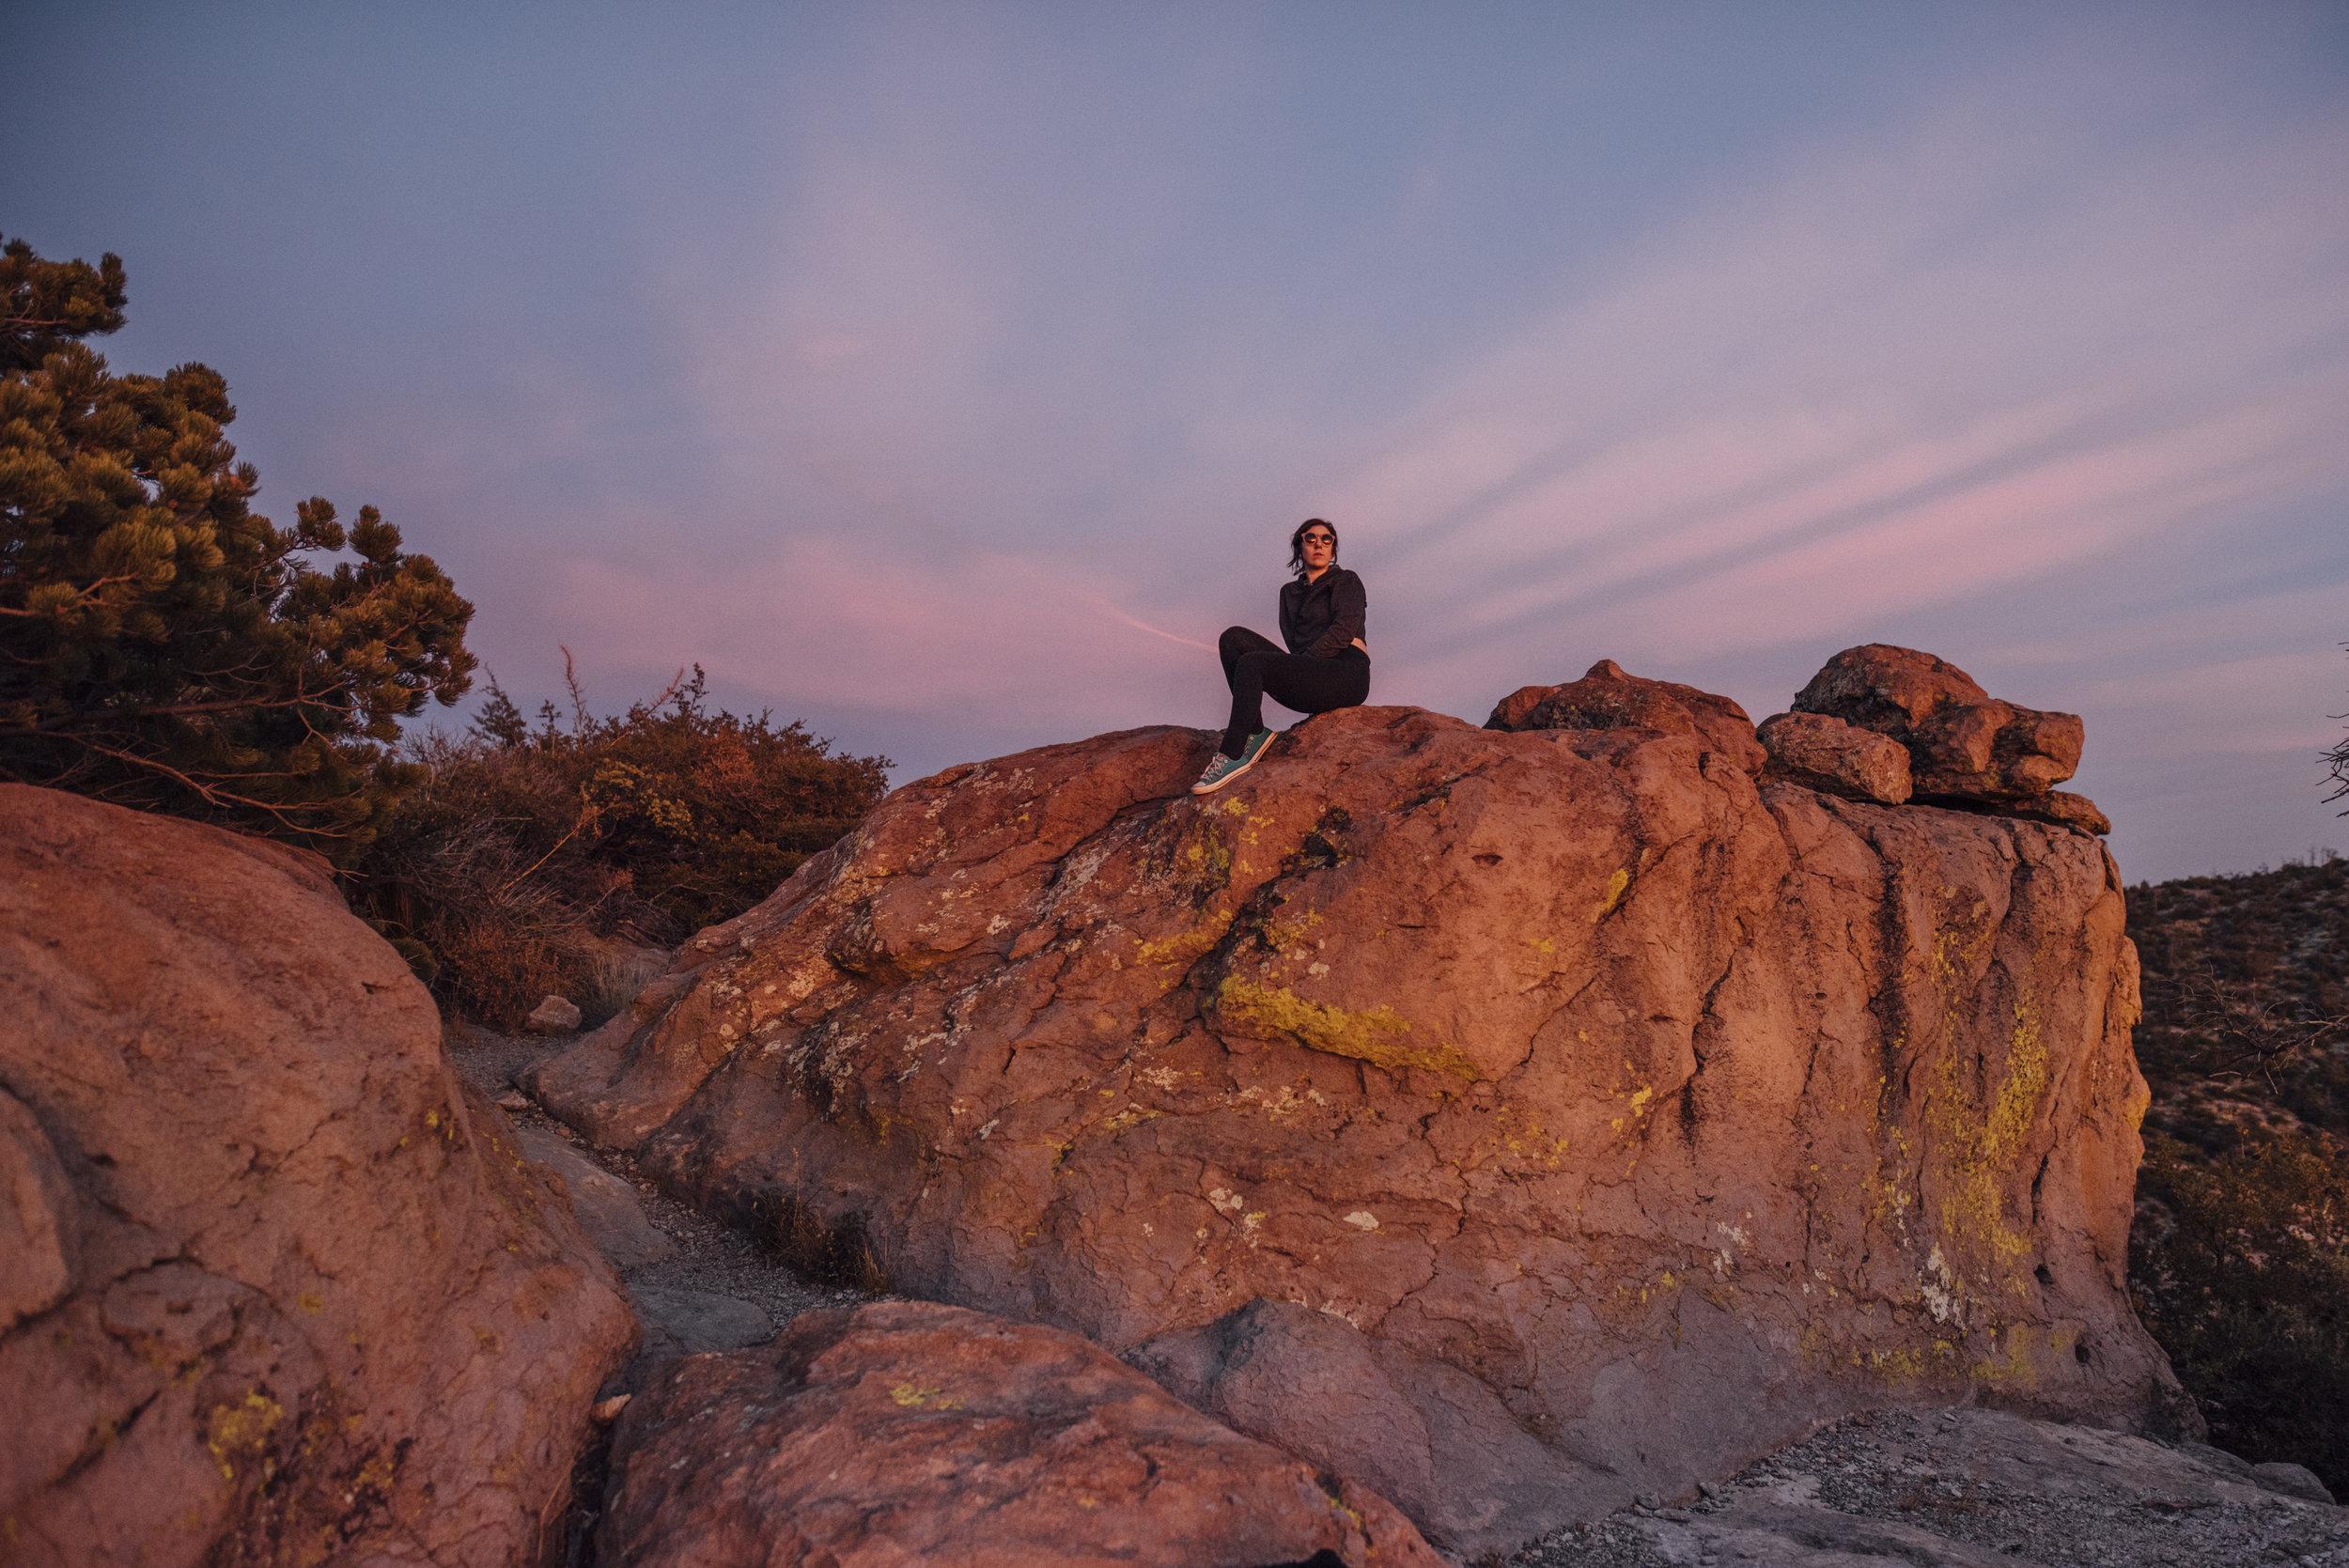 Chiricahua National Monument - Wilcox, AZ 12/23/17